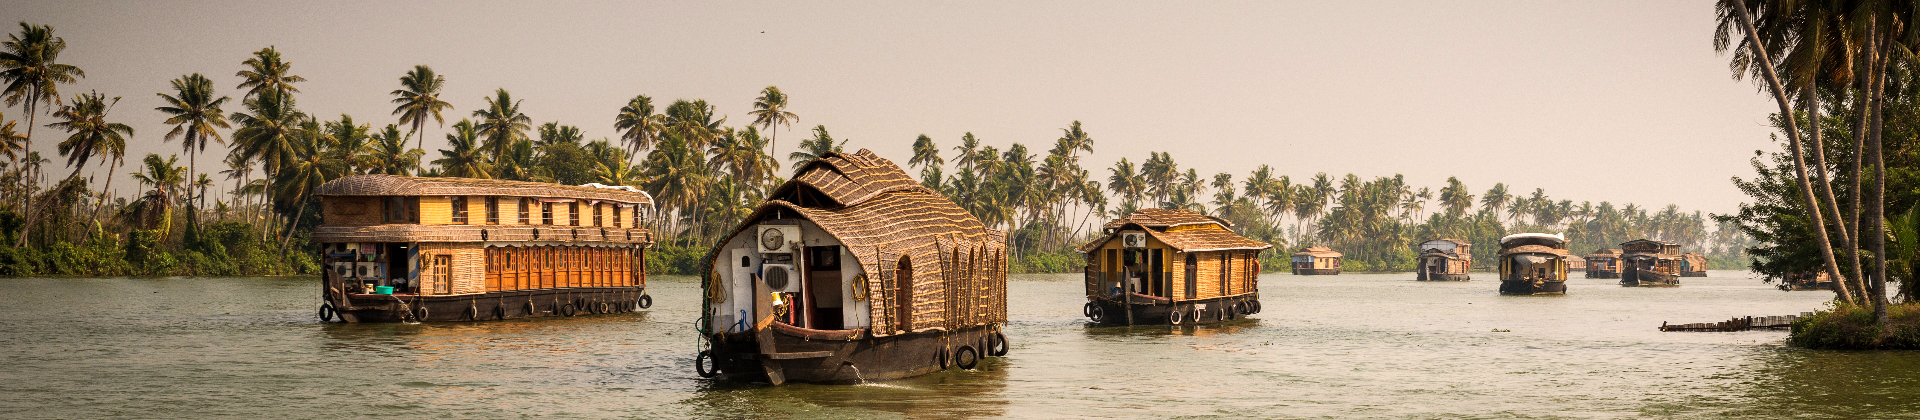 Boten op het water in India